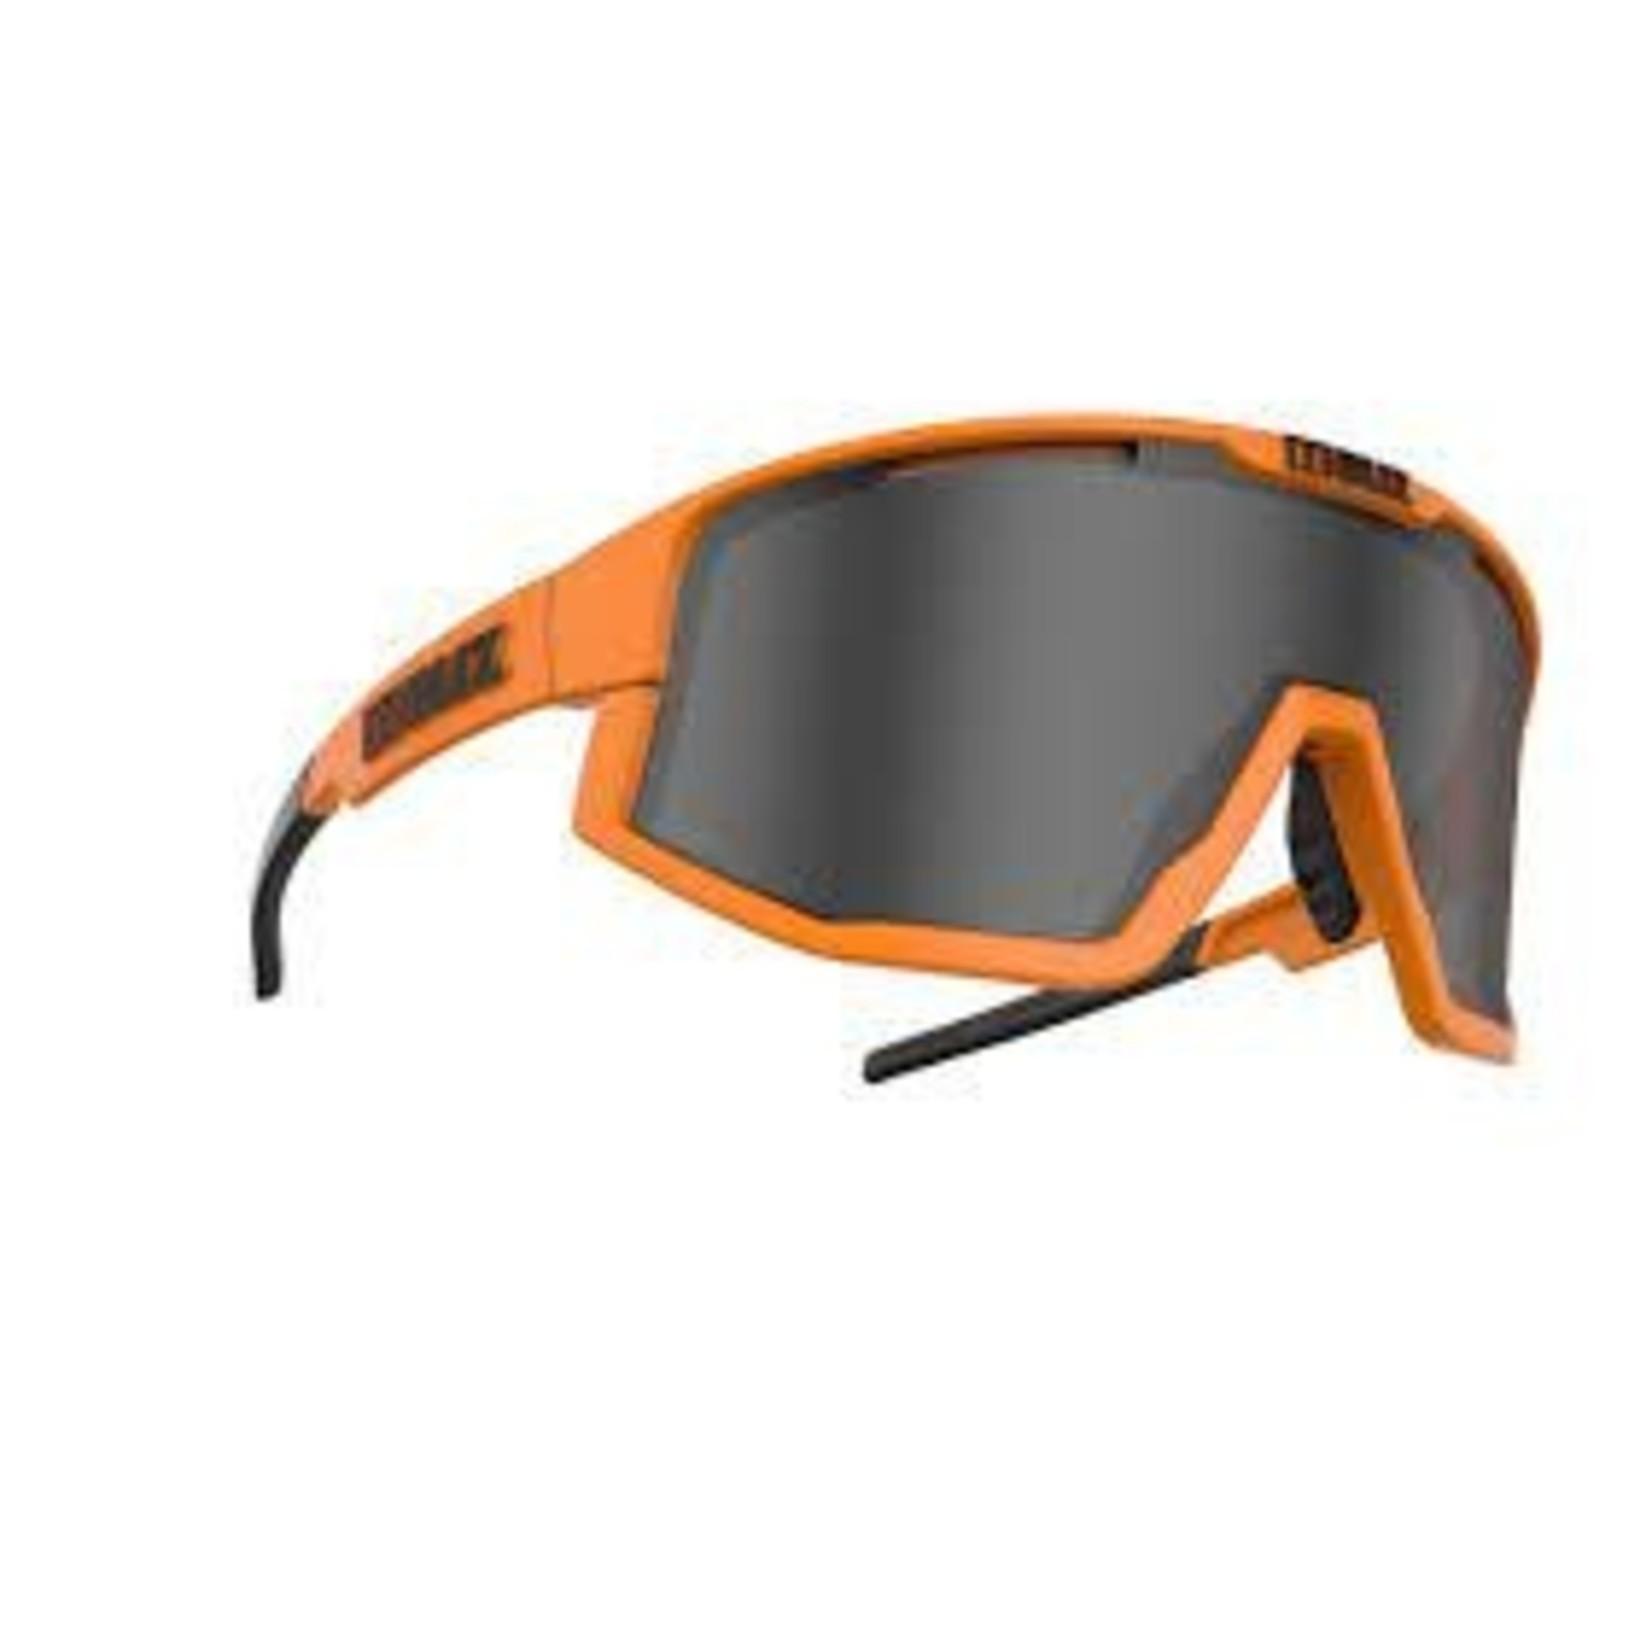 BLIZ FUSION Matt Neon Orange - Smoke